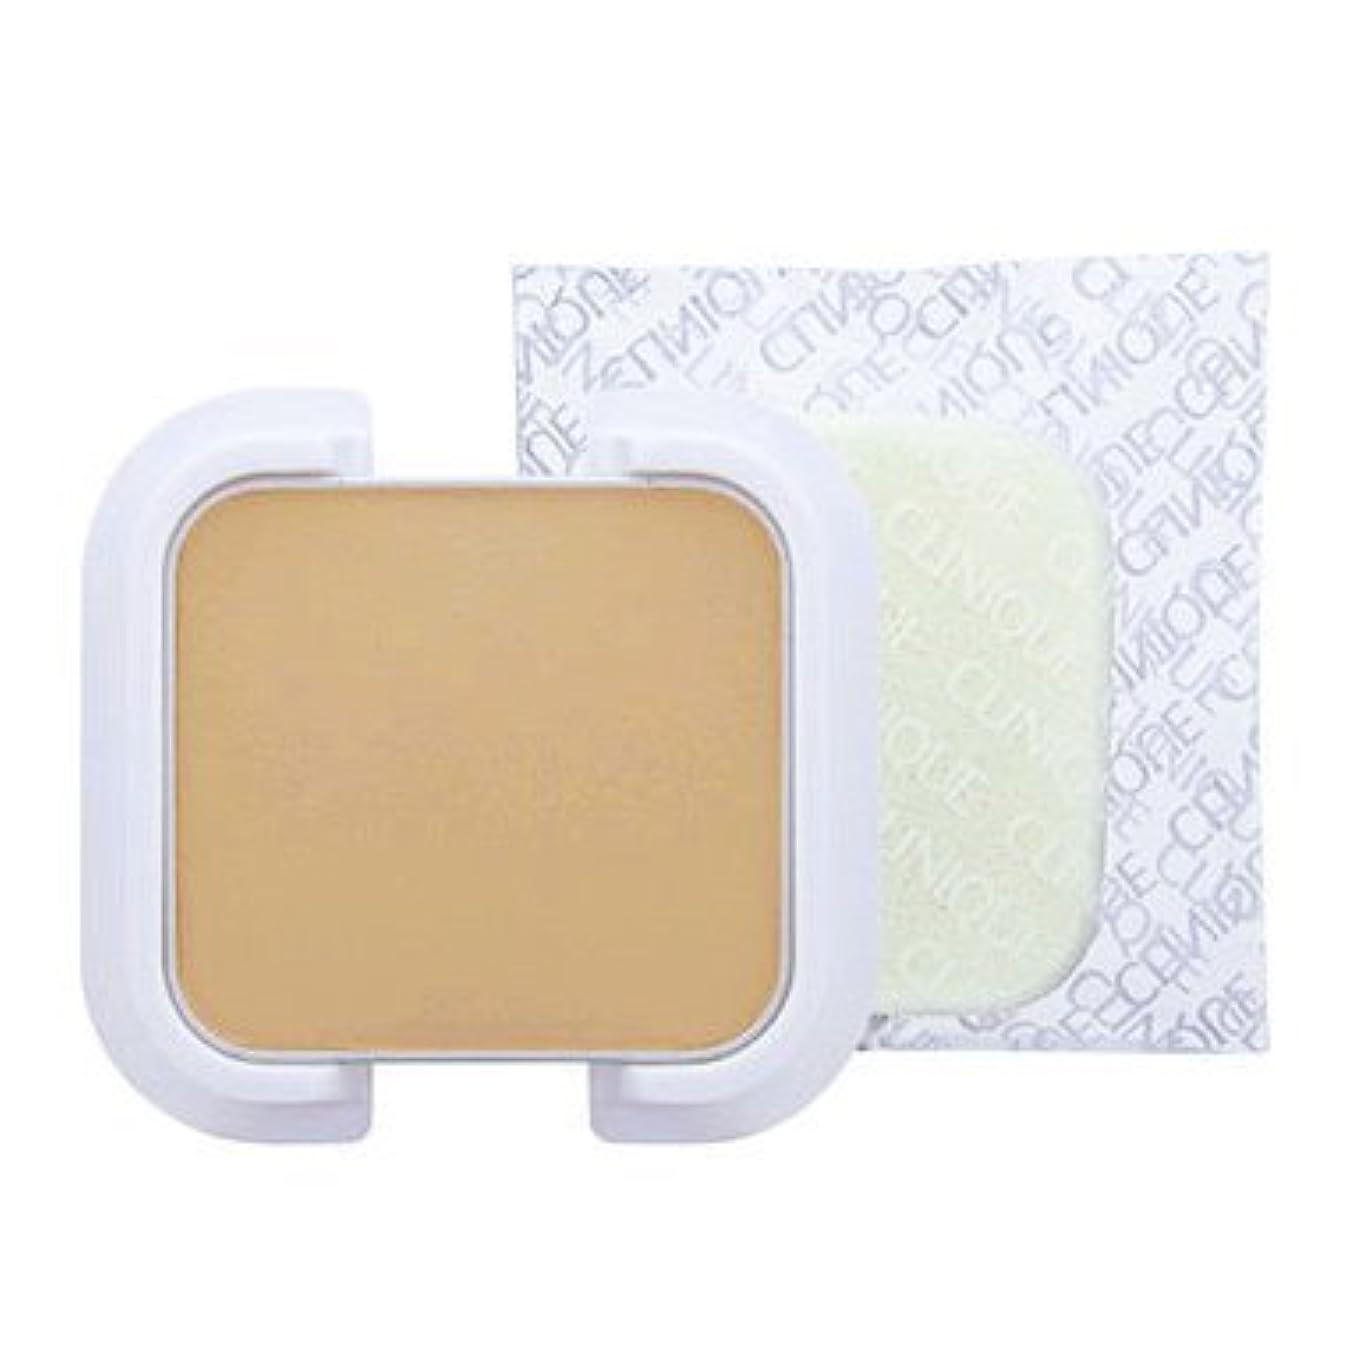 粘土仲間作るCLINIQUE クリニーク イーブン ベター パウダー メークアップ ウォーター ヴェール 27 (リフィル) #64 cream beige SPF27/PA+++ 10g [並行輸入品]